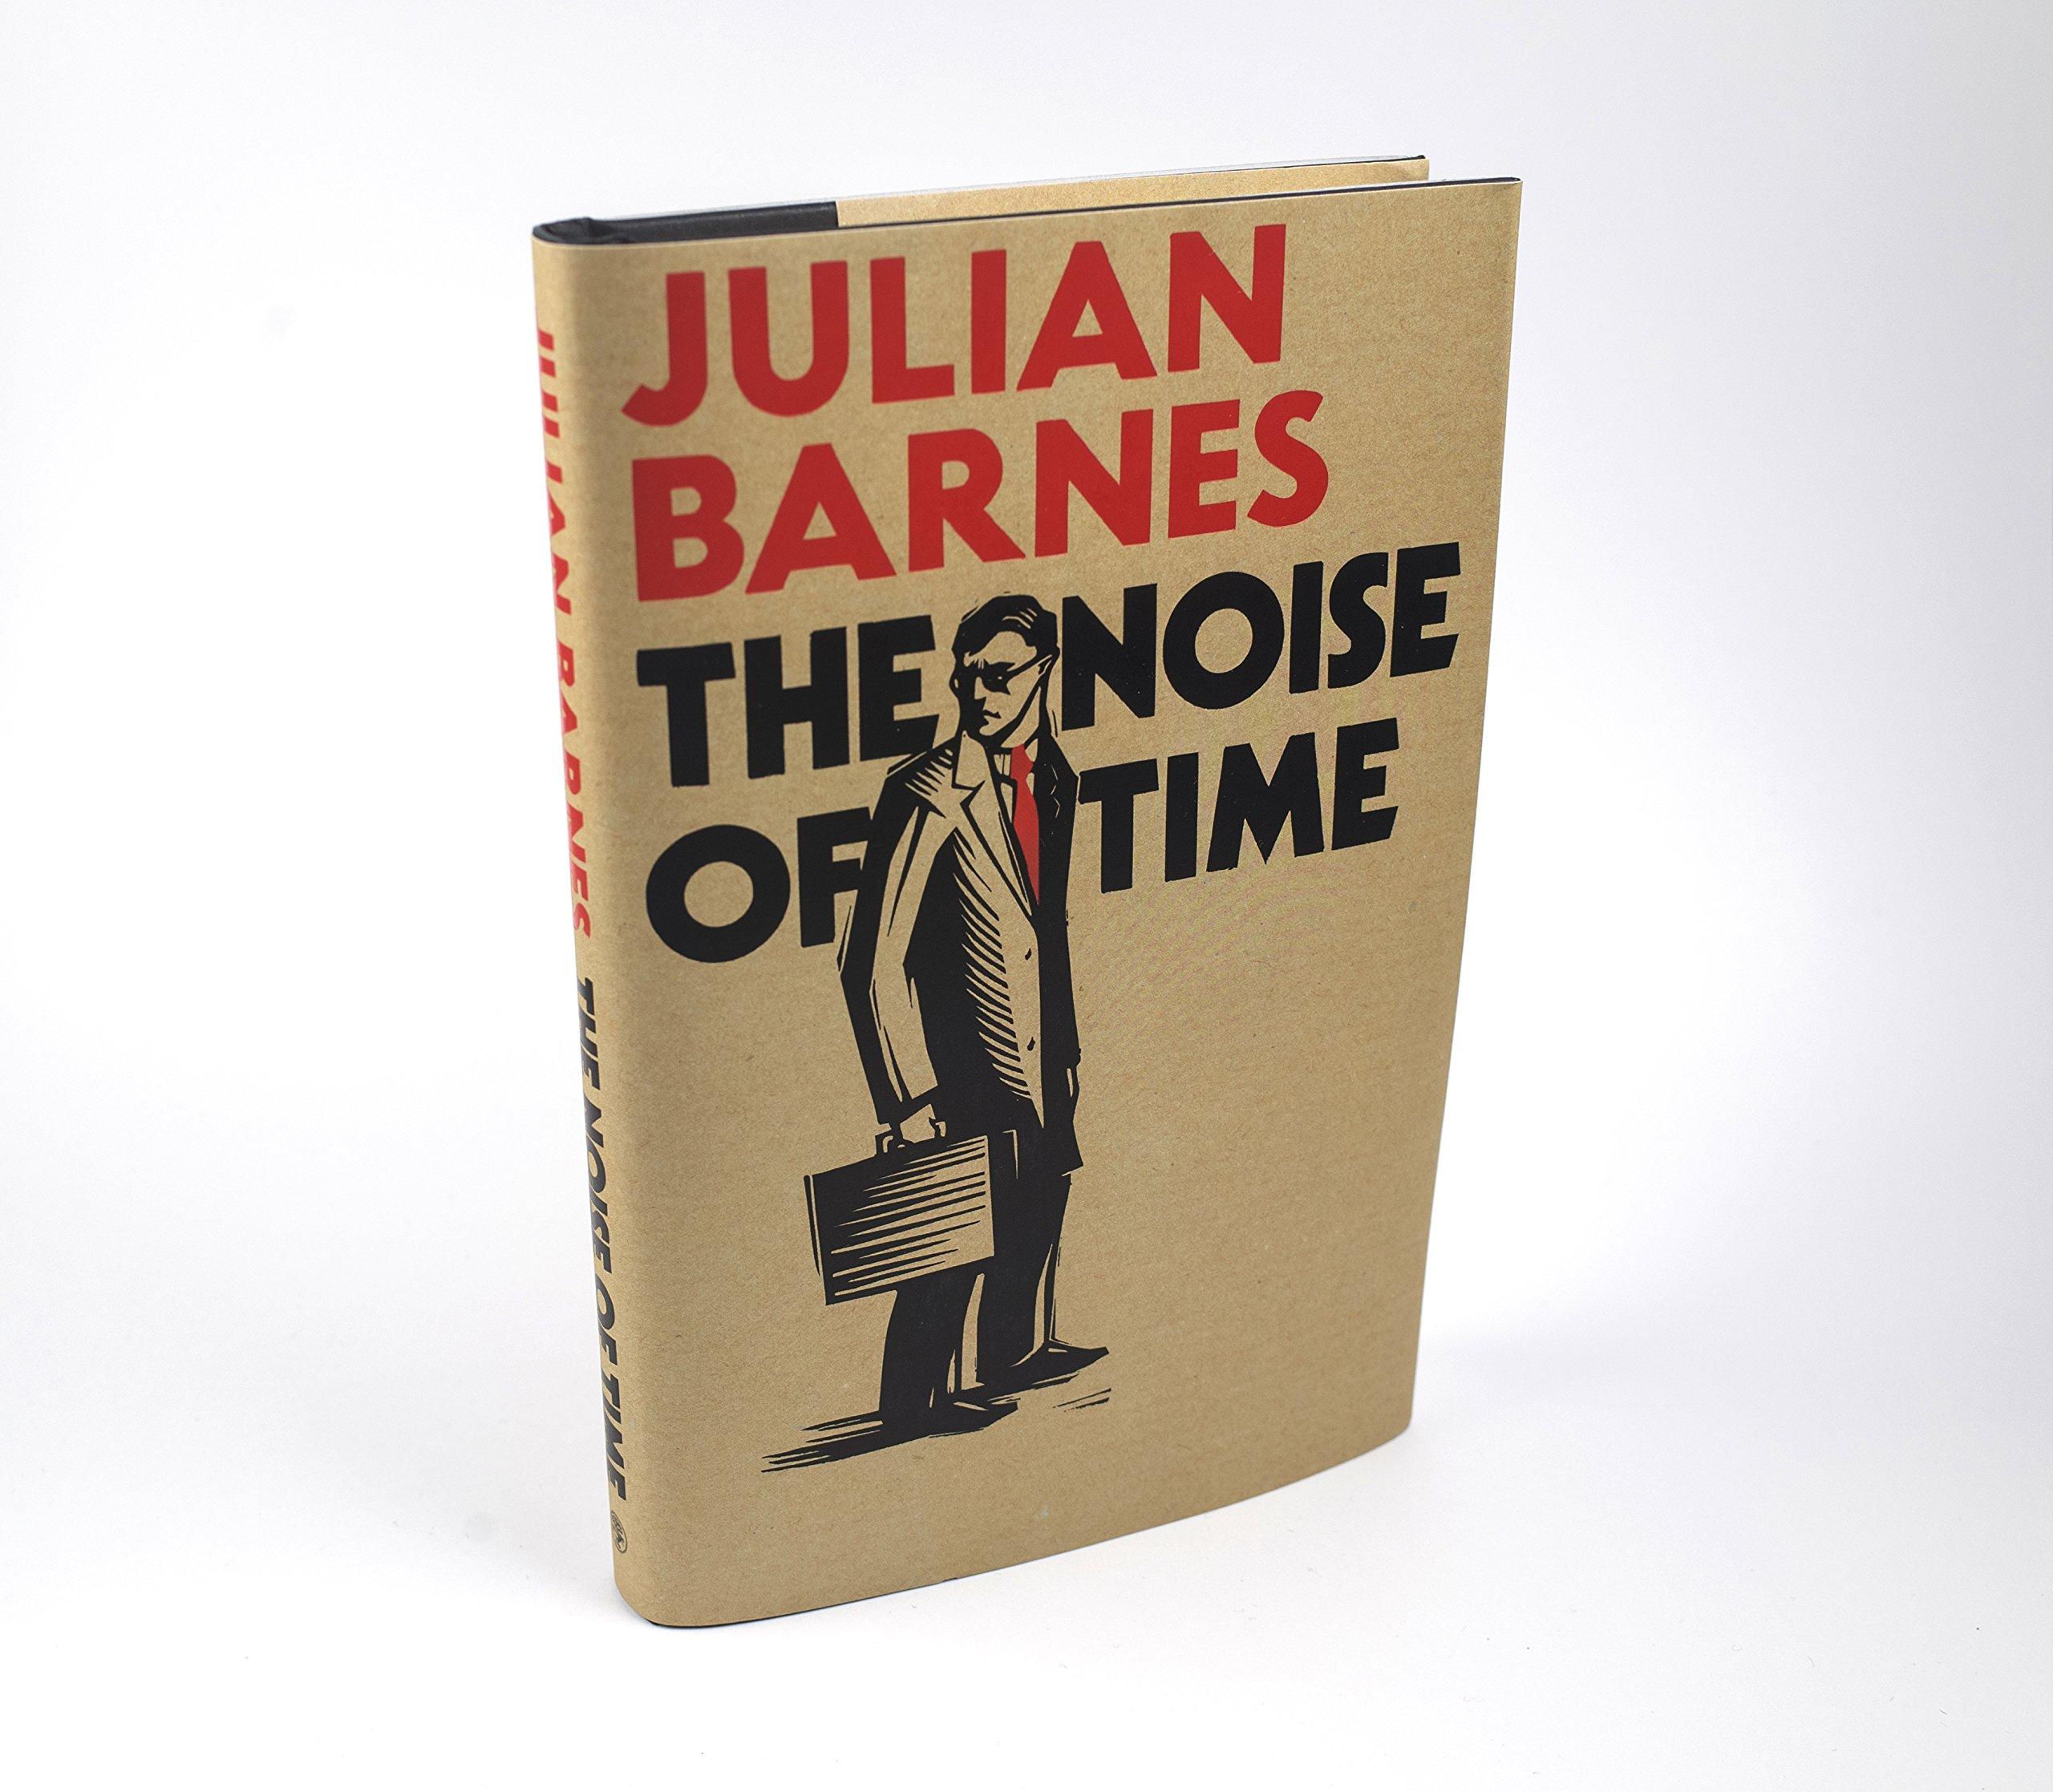 amazon.fr - the noise of time - julian barnes - livres - Composer Cuisine En Ligne